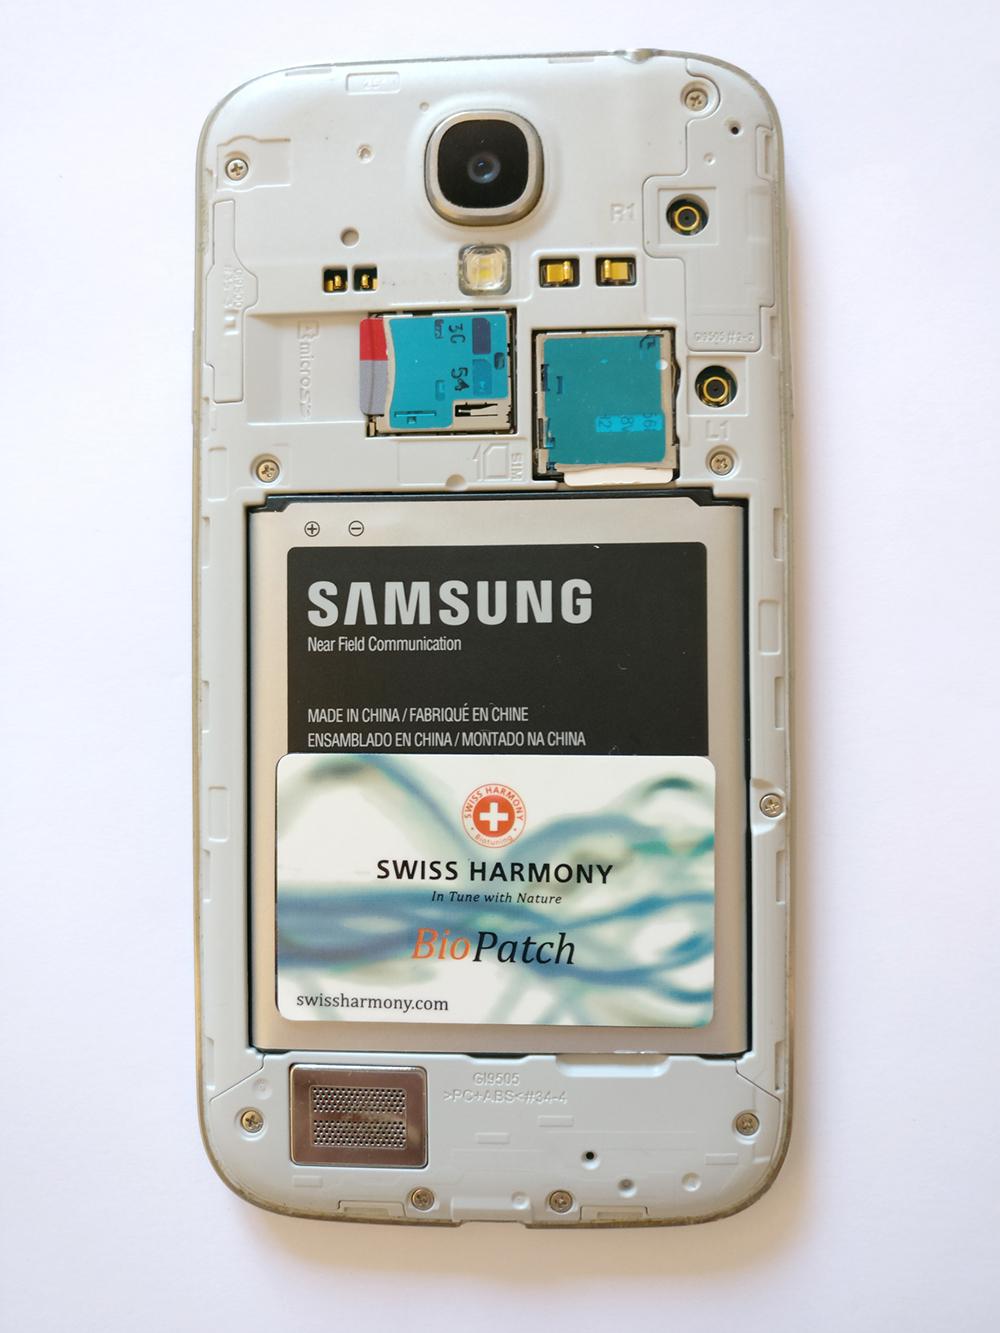 Der BioPatch im geöffneten Smartphone